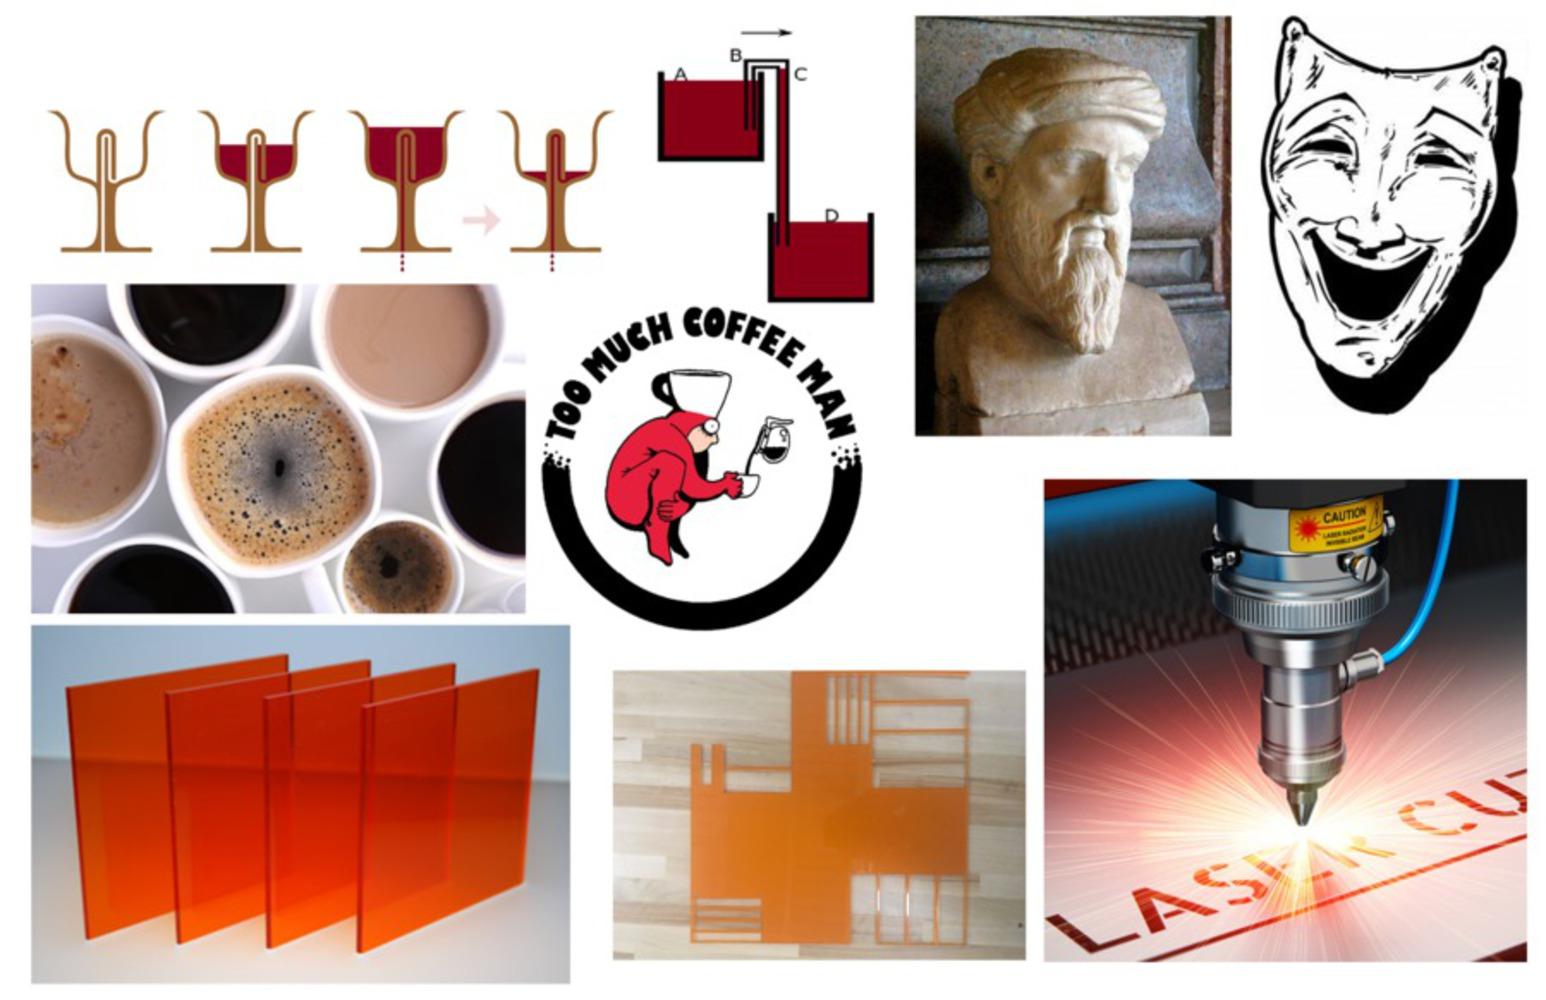 Pythagoras coffee cup mood board.thumb